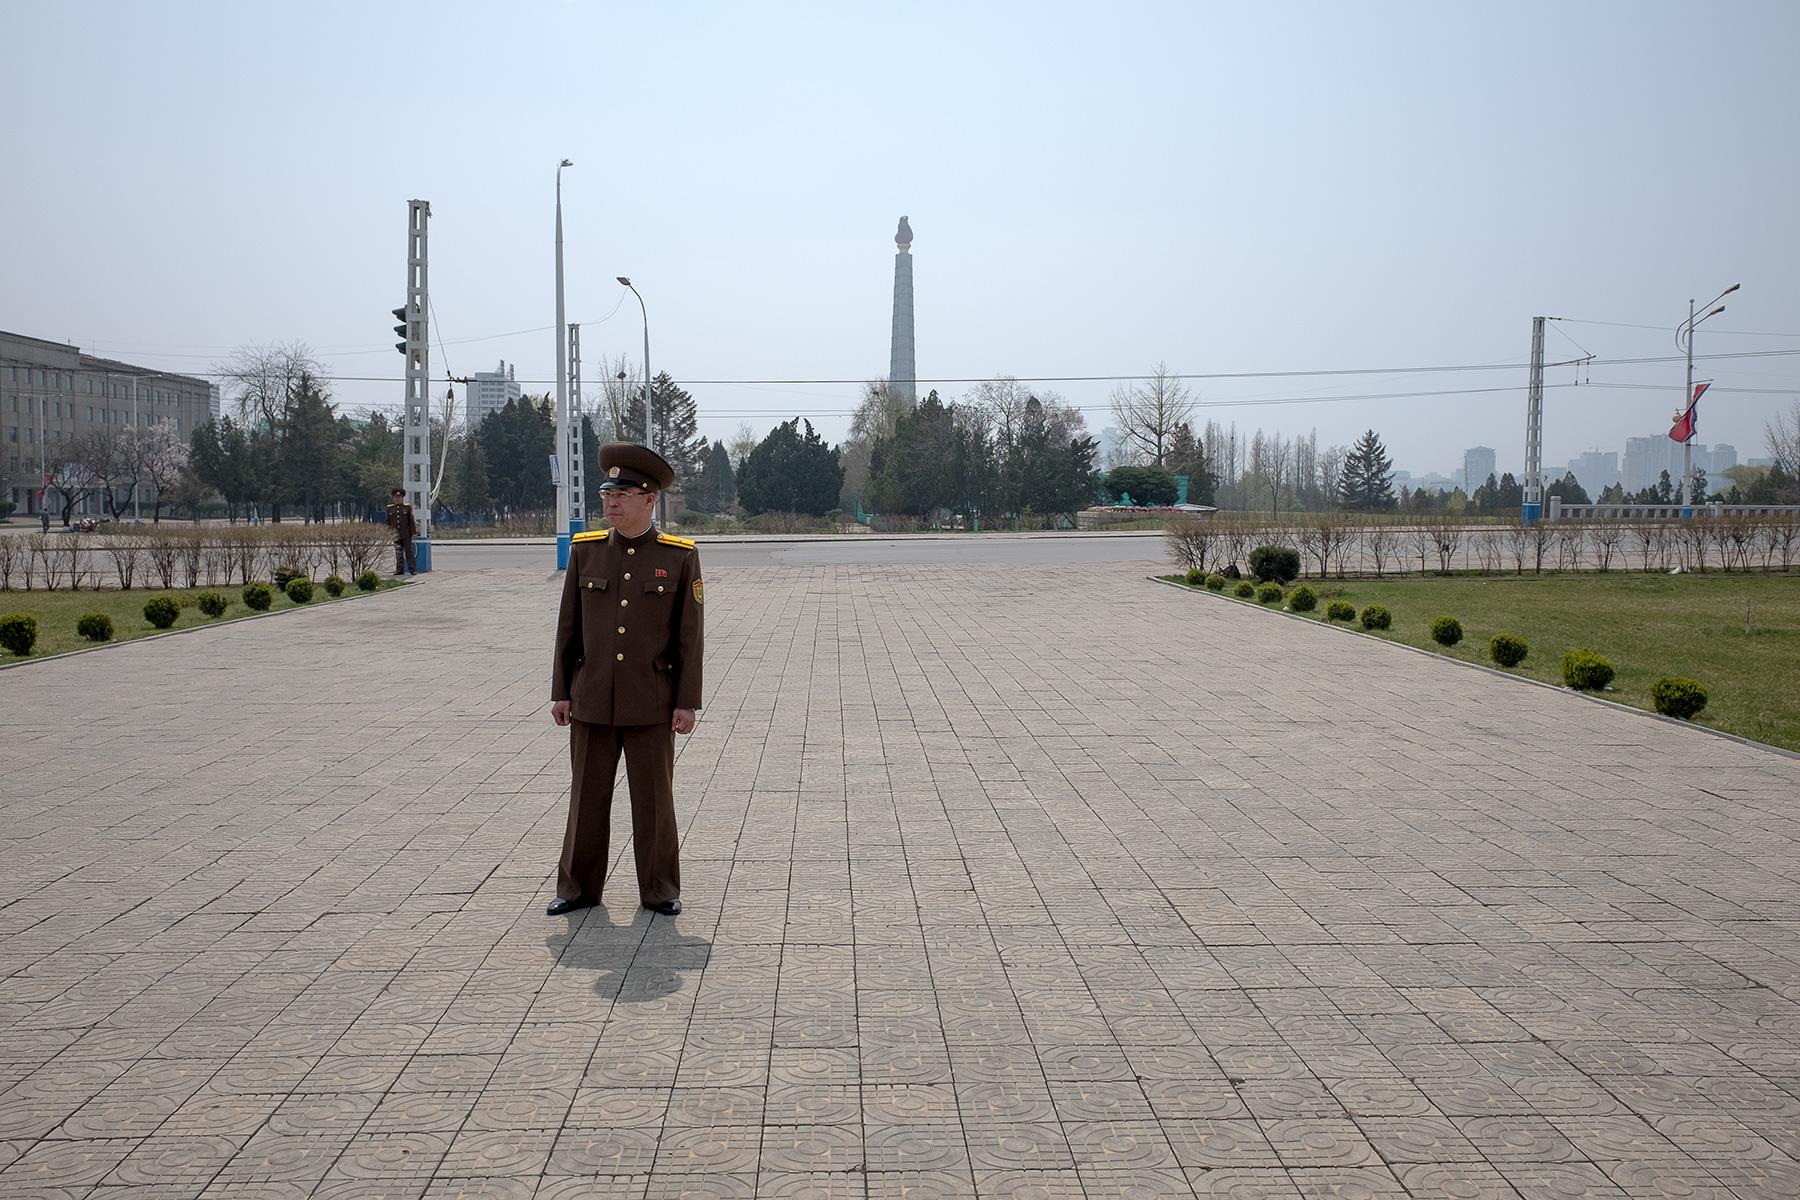 Ein Militär steht auf dem Fußweg